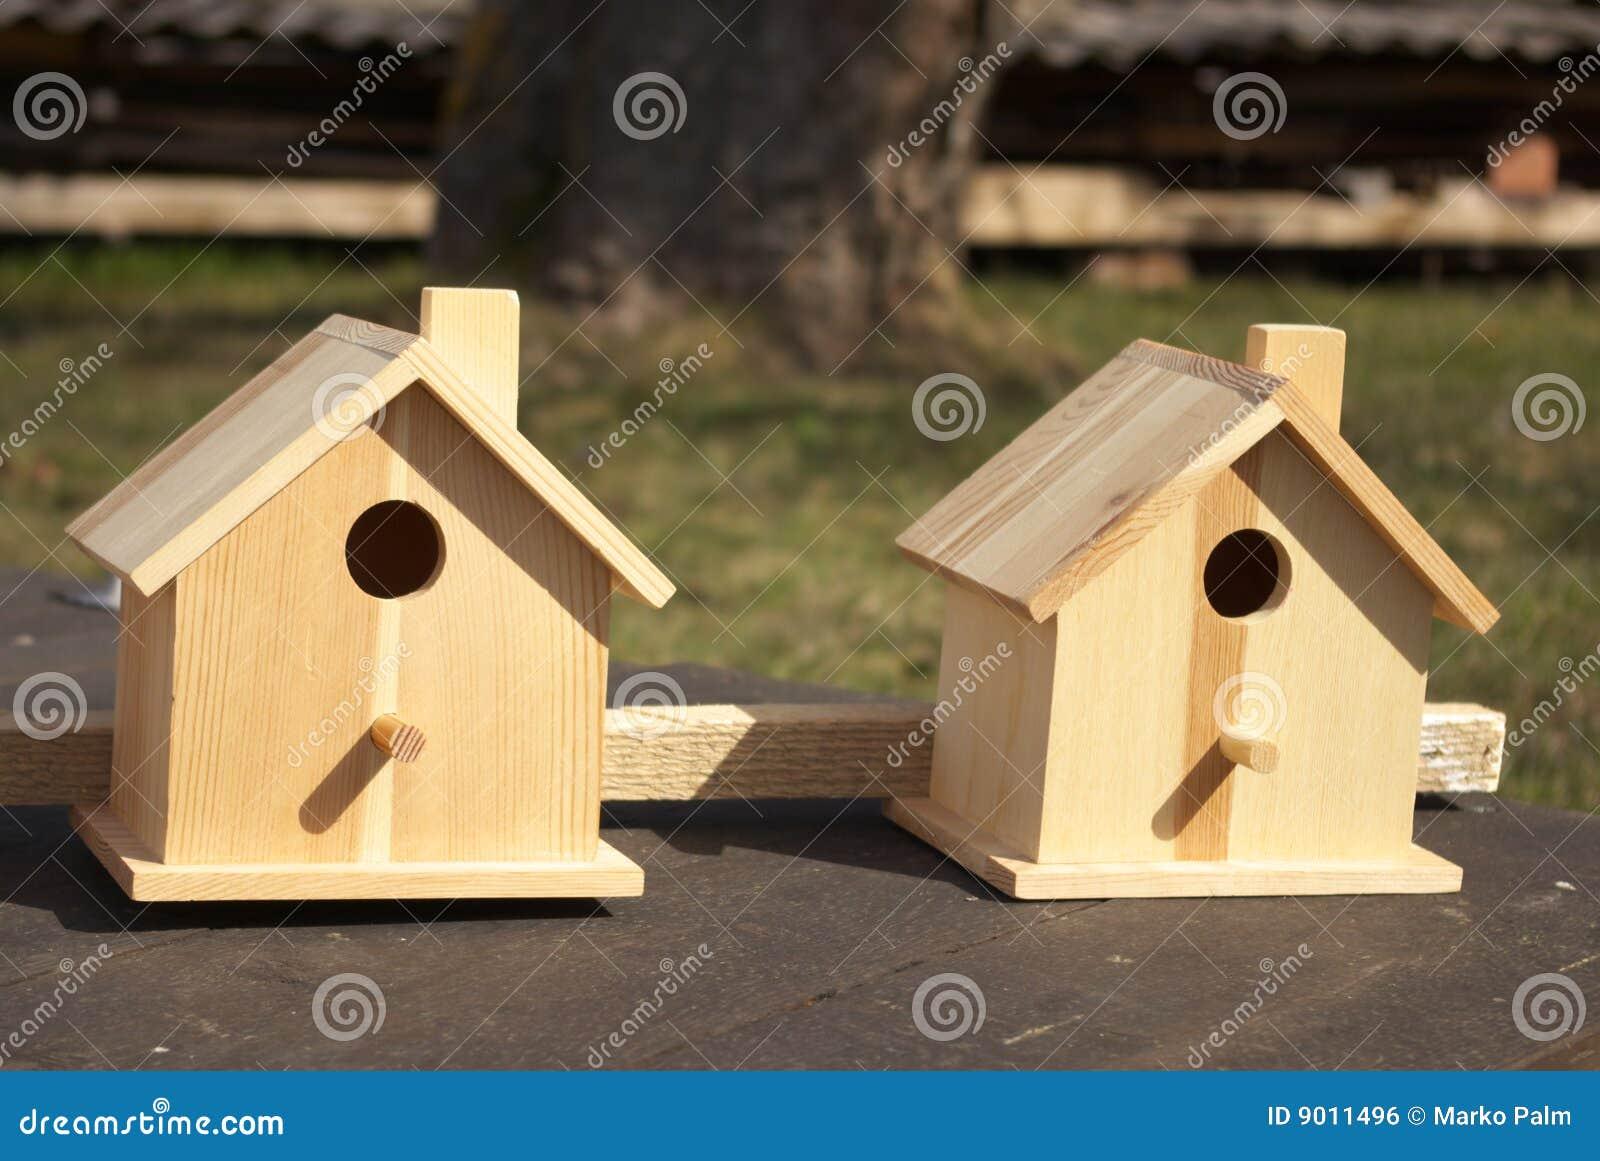 Birdhouses 2 деревянные